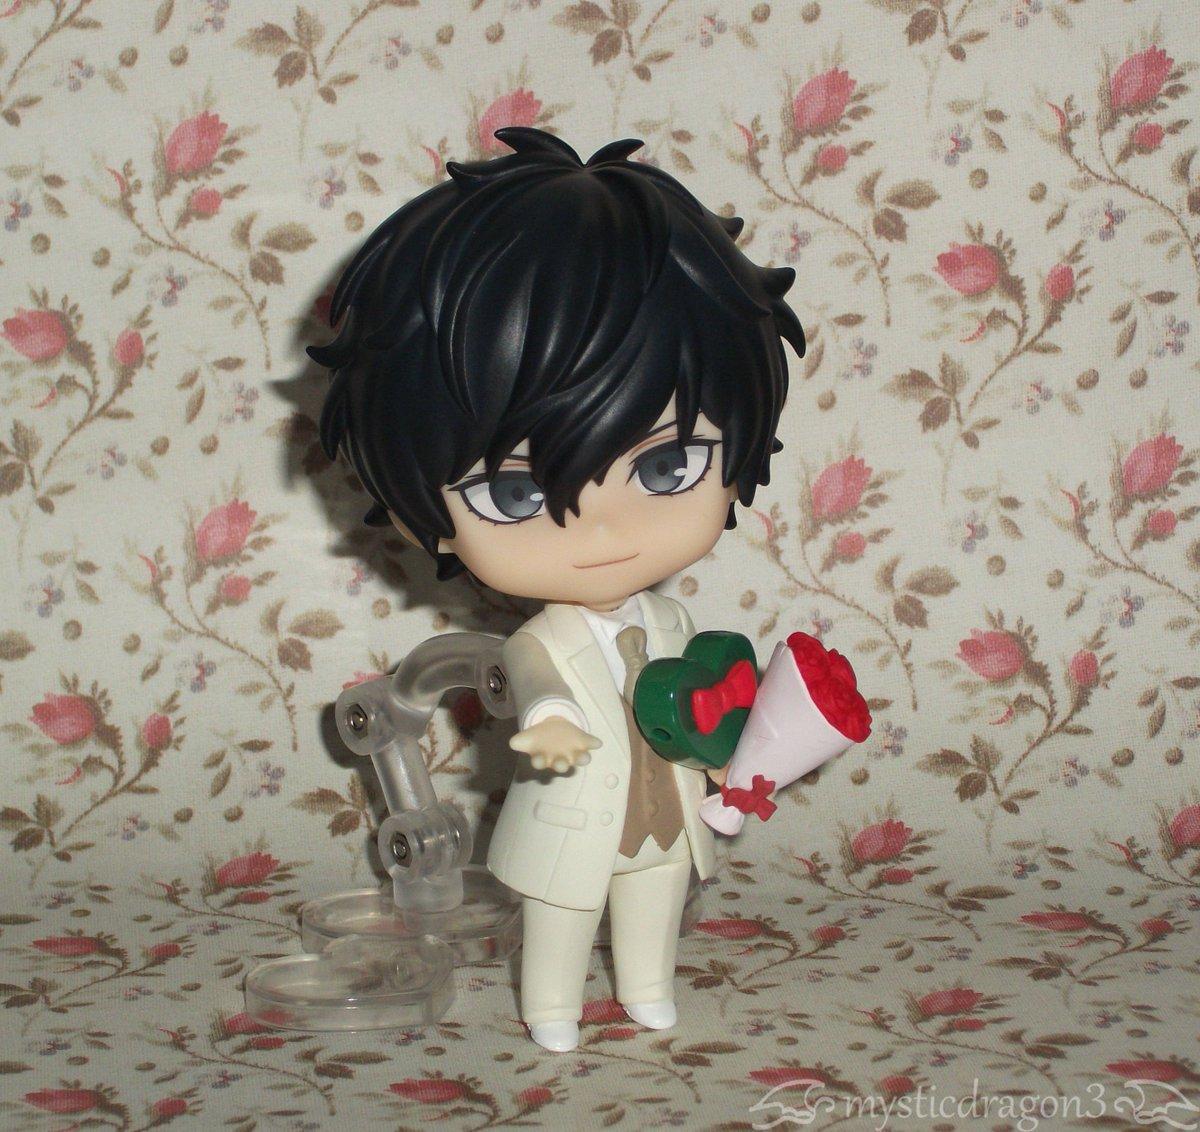 Belated #WhiteDay / #ValentinesDay photoshoot, with #Nendoroid #Joker. #Persona5 #AkiraKurusu #RenAmamiya #flowers<br>http://pic.twitter.com/2pKlntca5Q